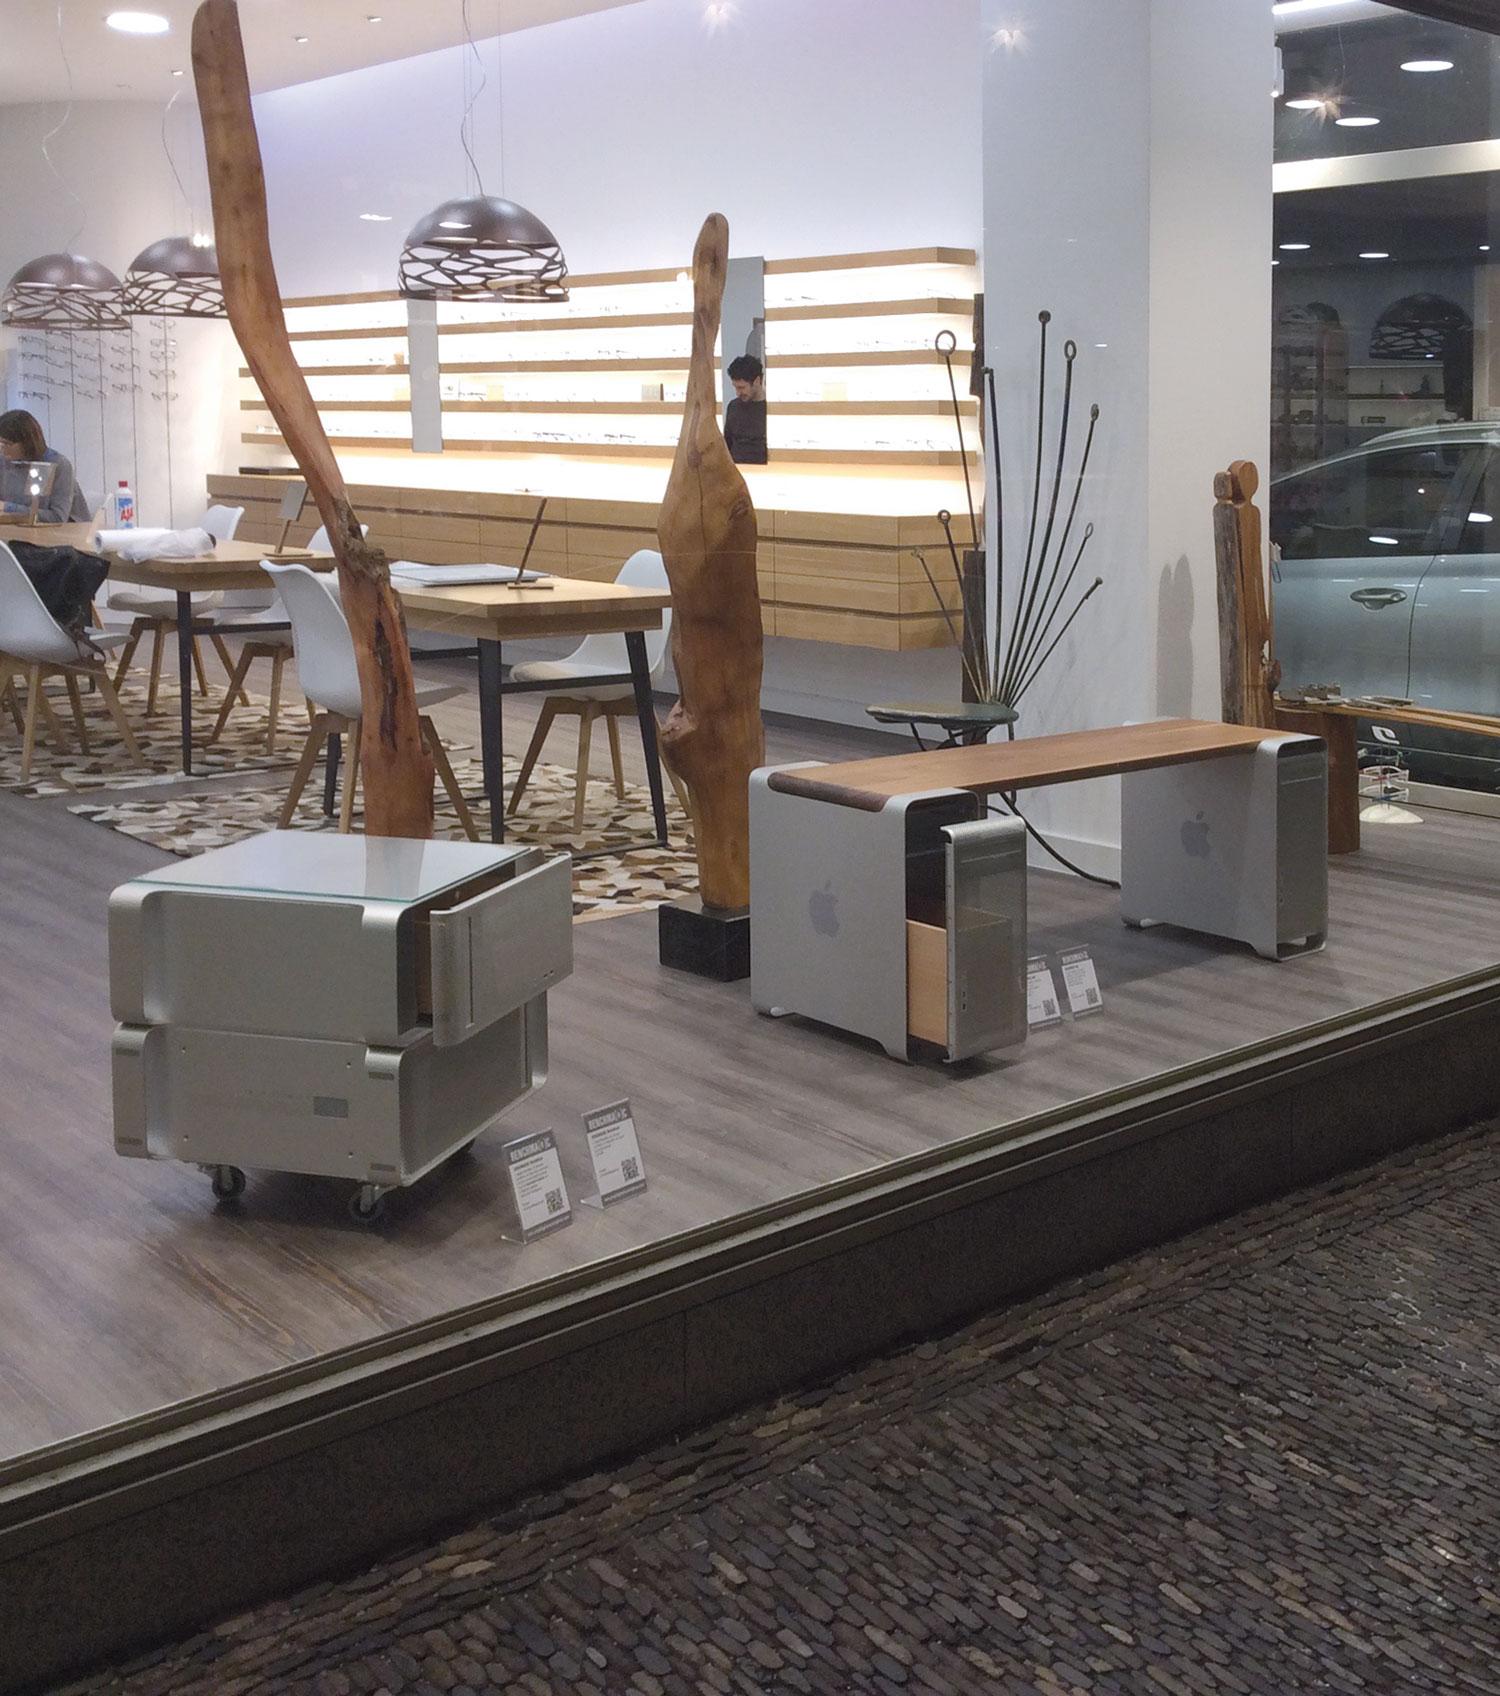 BENCHMA[®]C   projektgalerie.de